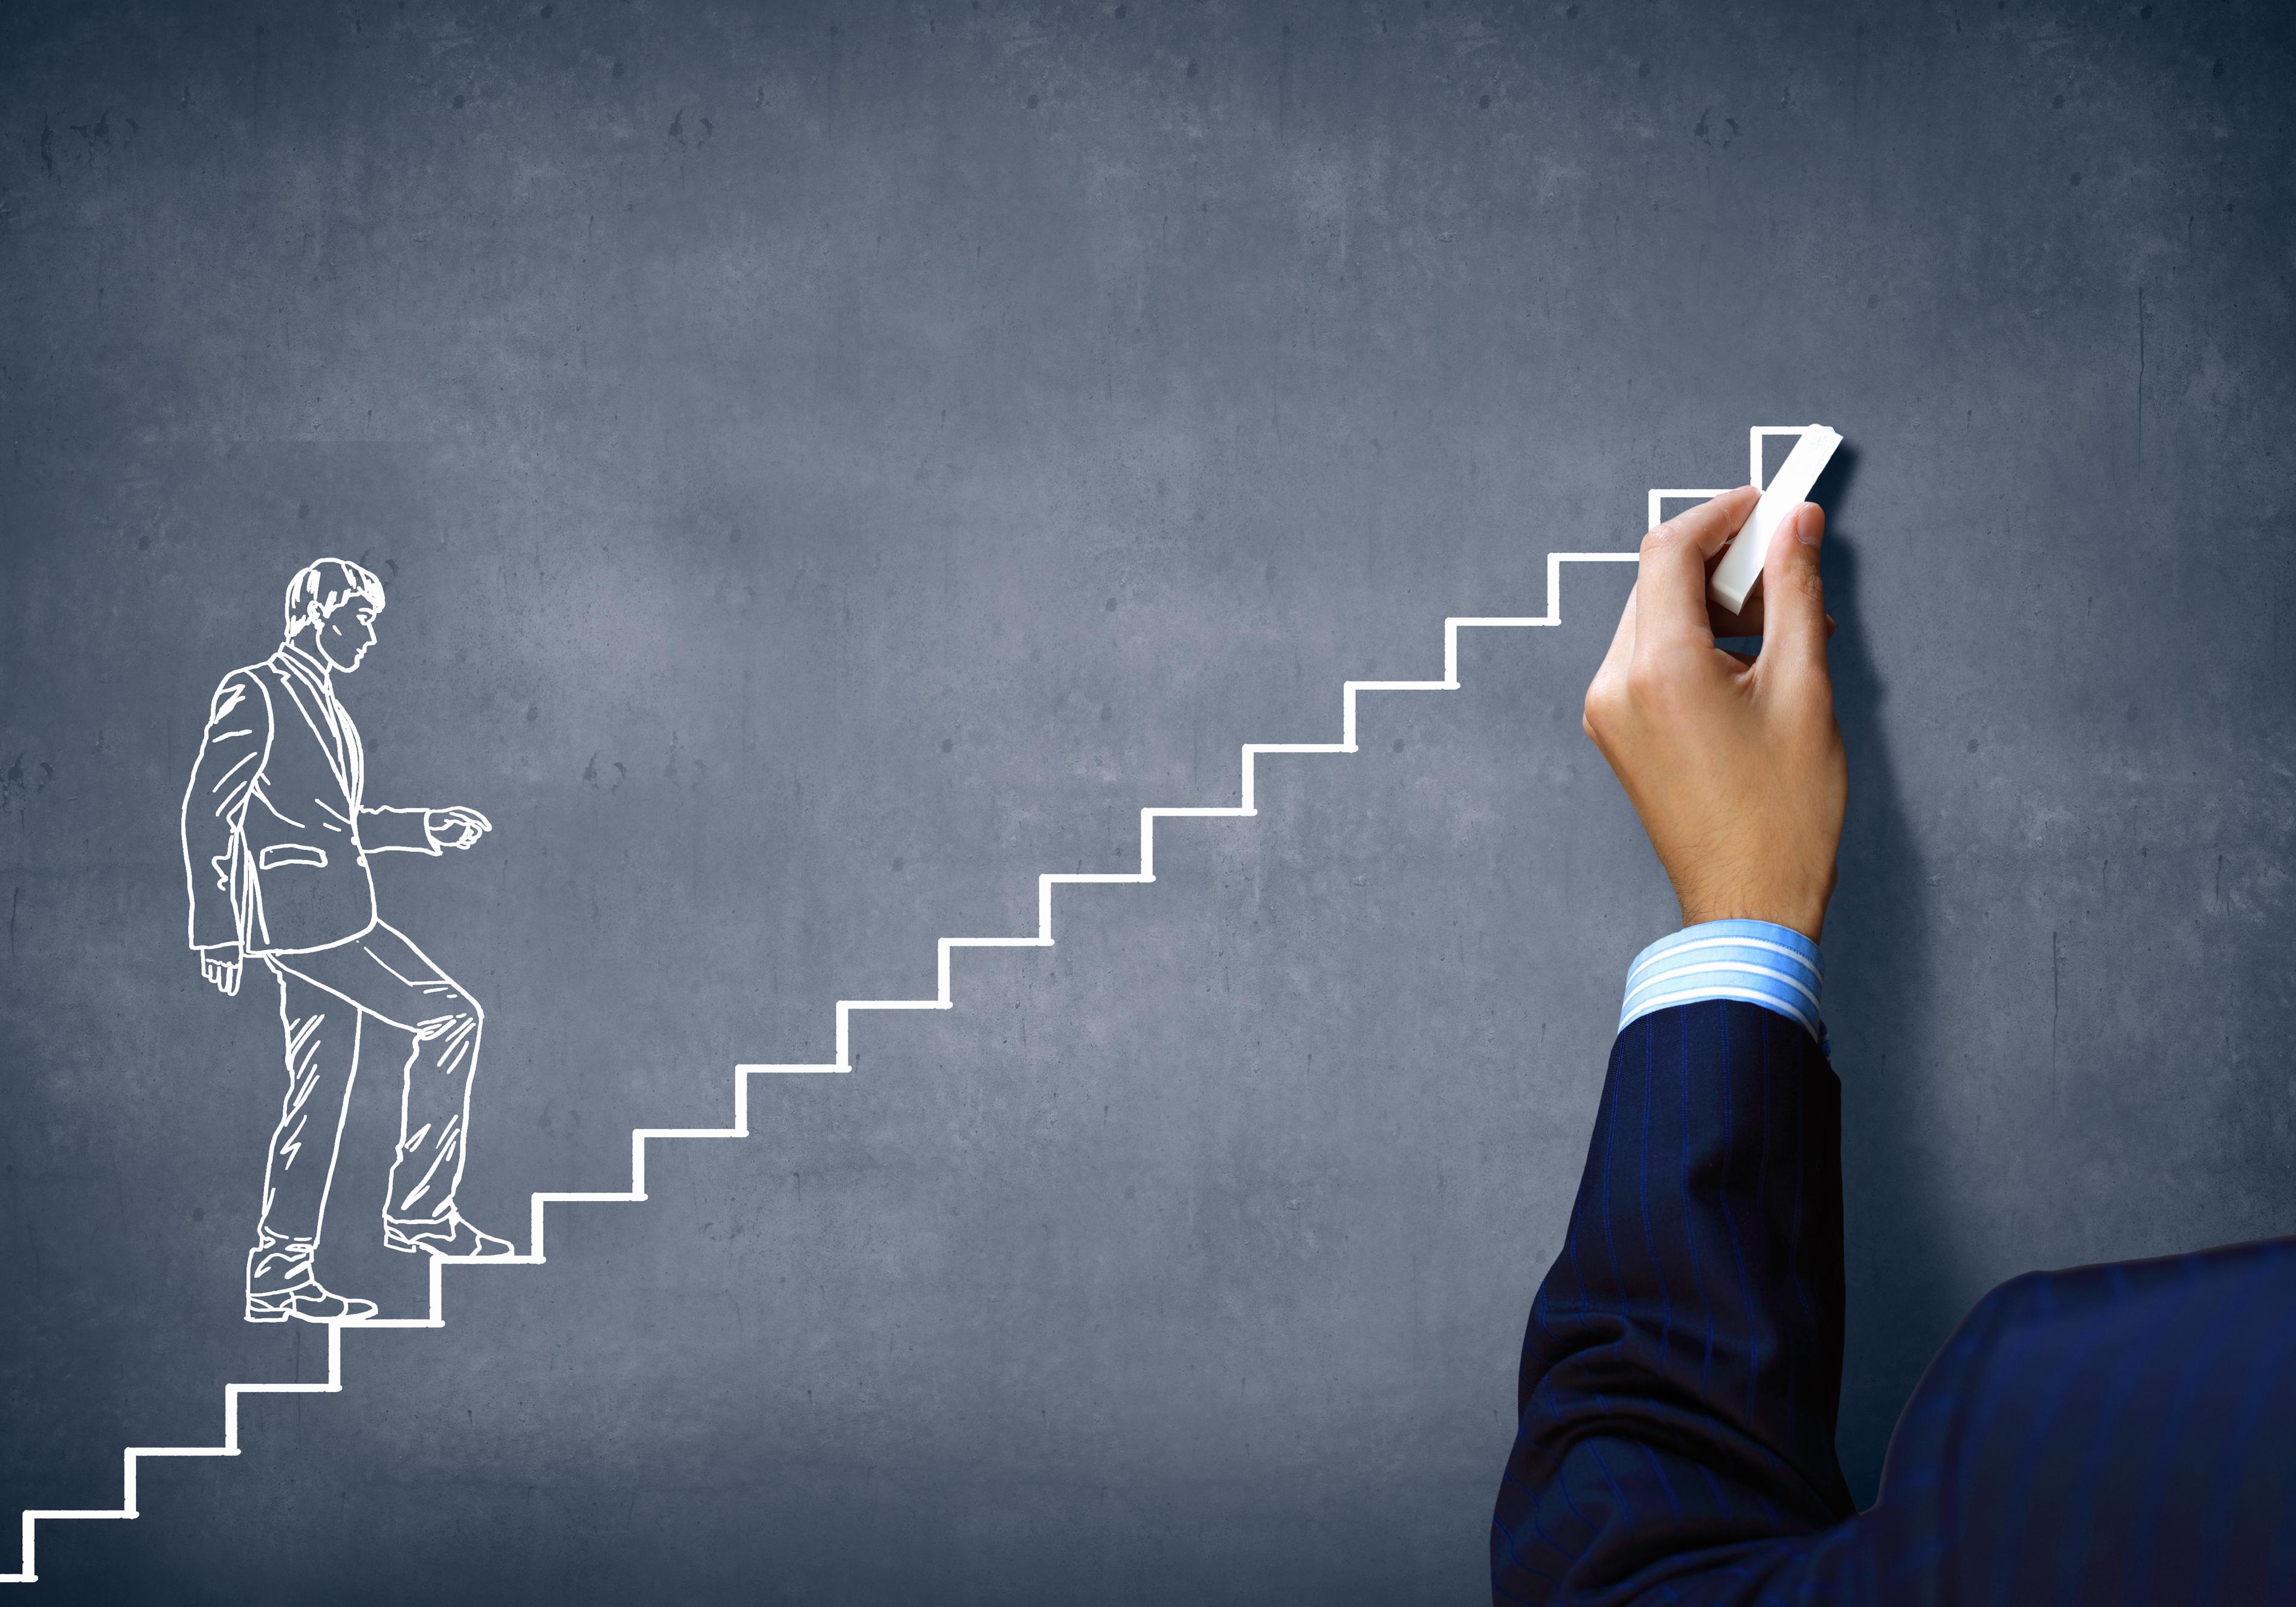 Как мотивировать себя, чтобы выполнить отложенные задачи